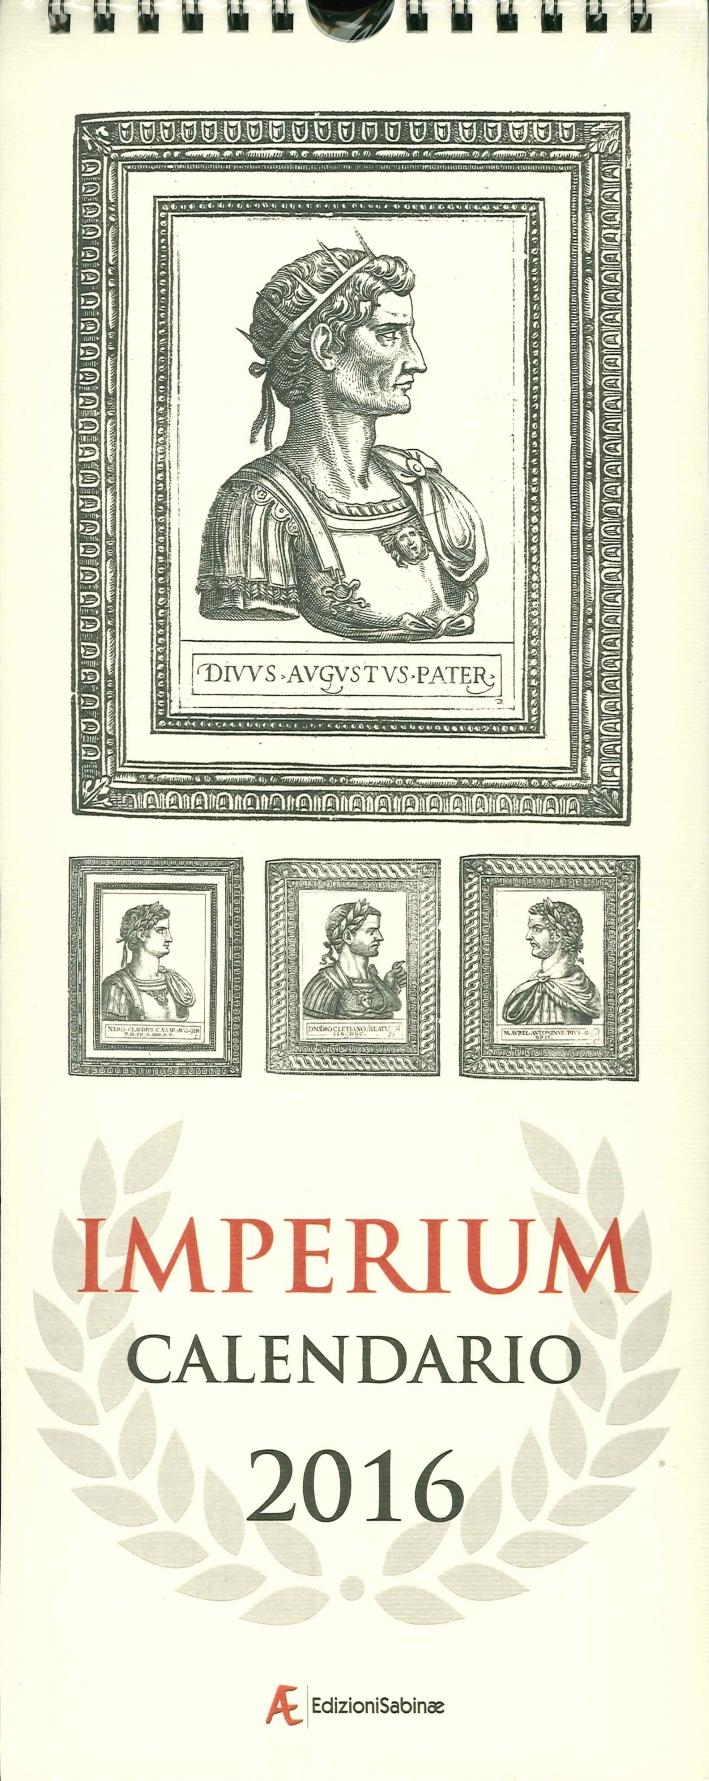 Calendario 2016 Imperium. 12 Mesi-12 Imperatori Romani. Ediz. Italiana e Inglese